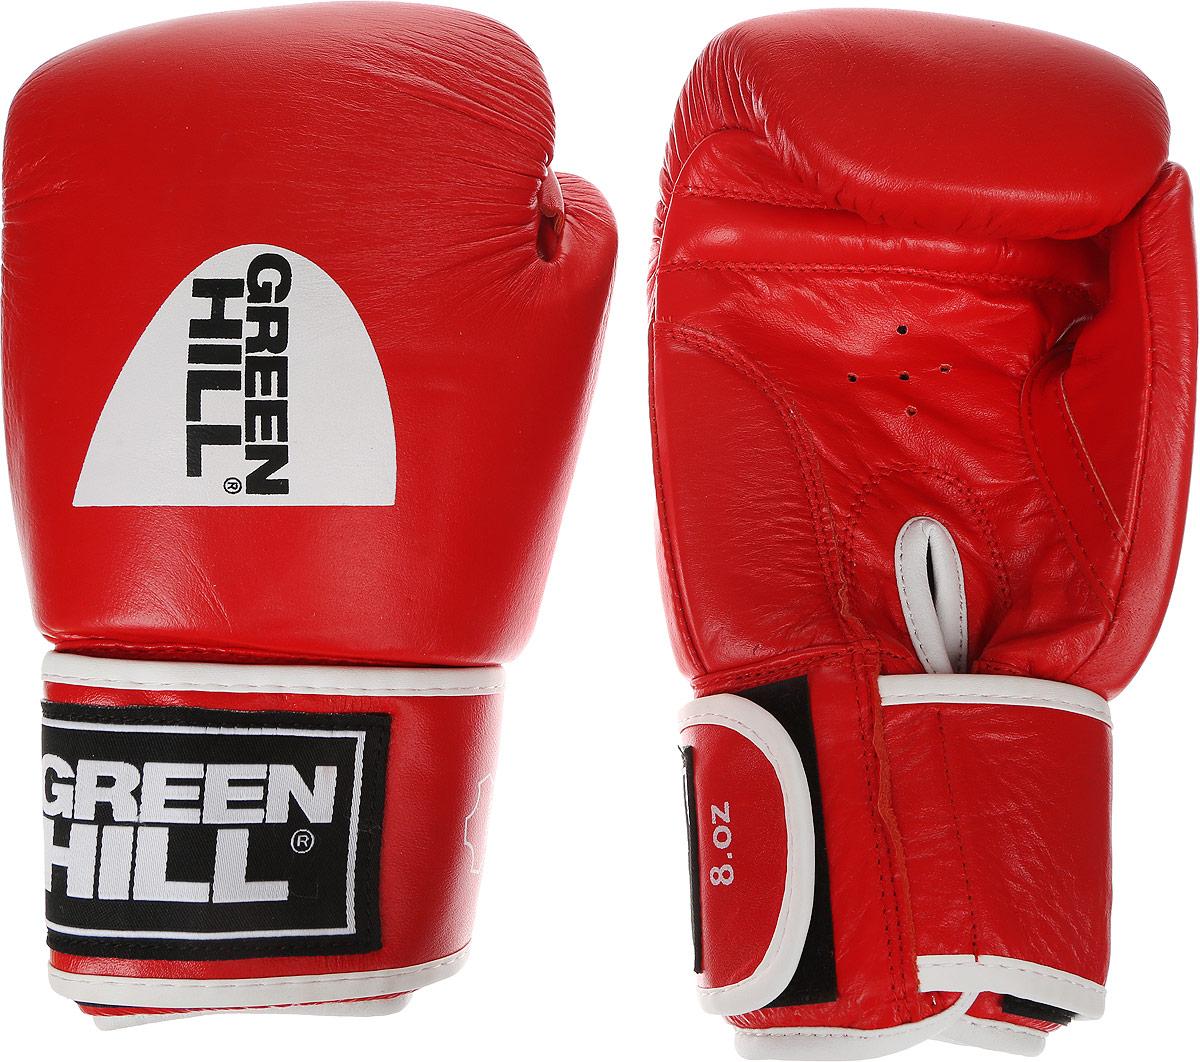 цена на Перчатки боксерские Green Hill Gym, цвет: красный, белый. Вес 8 унций